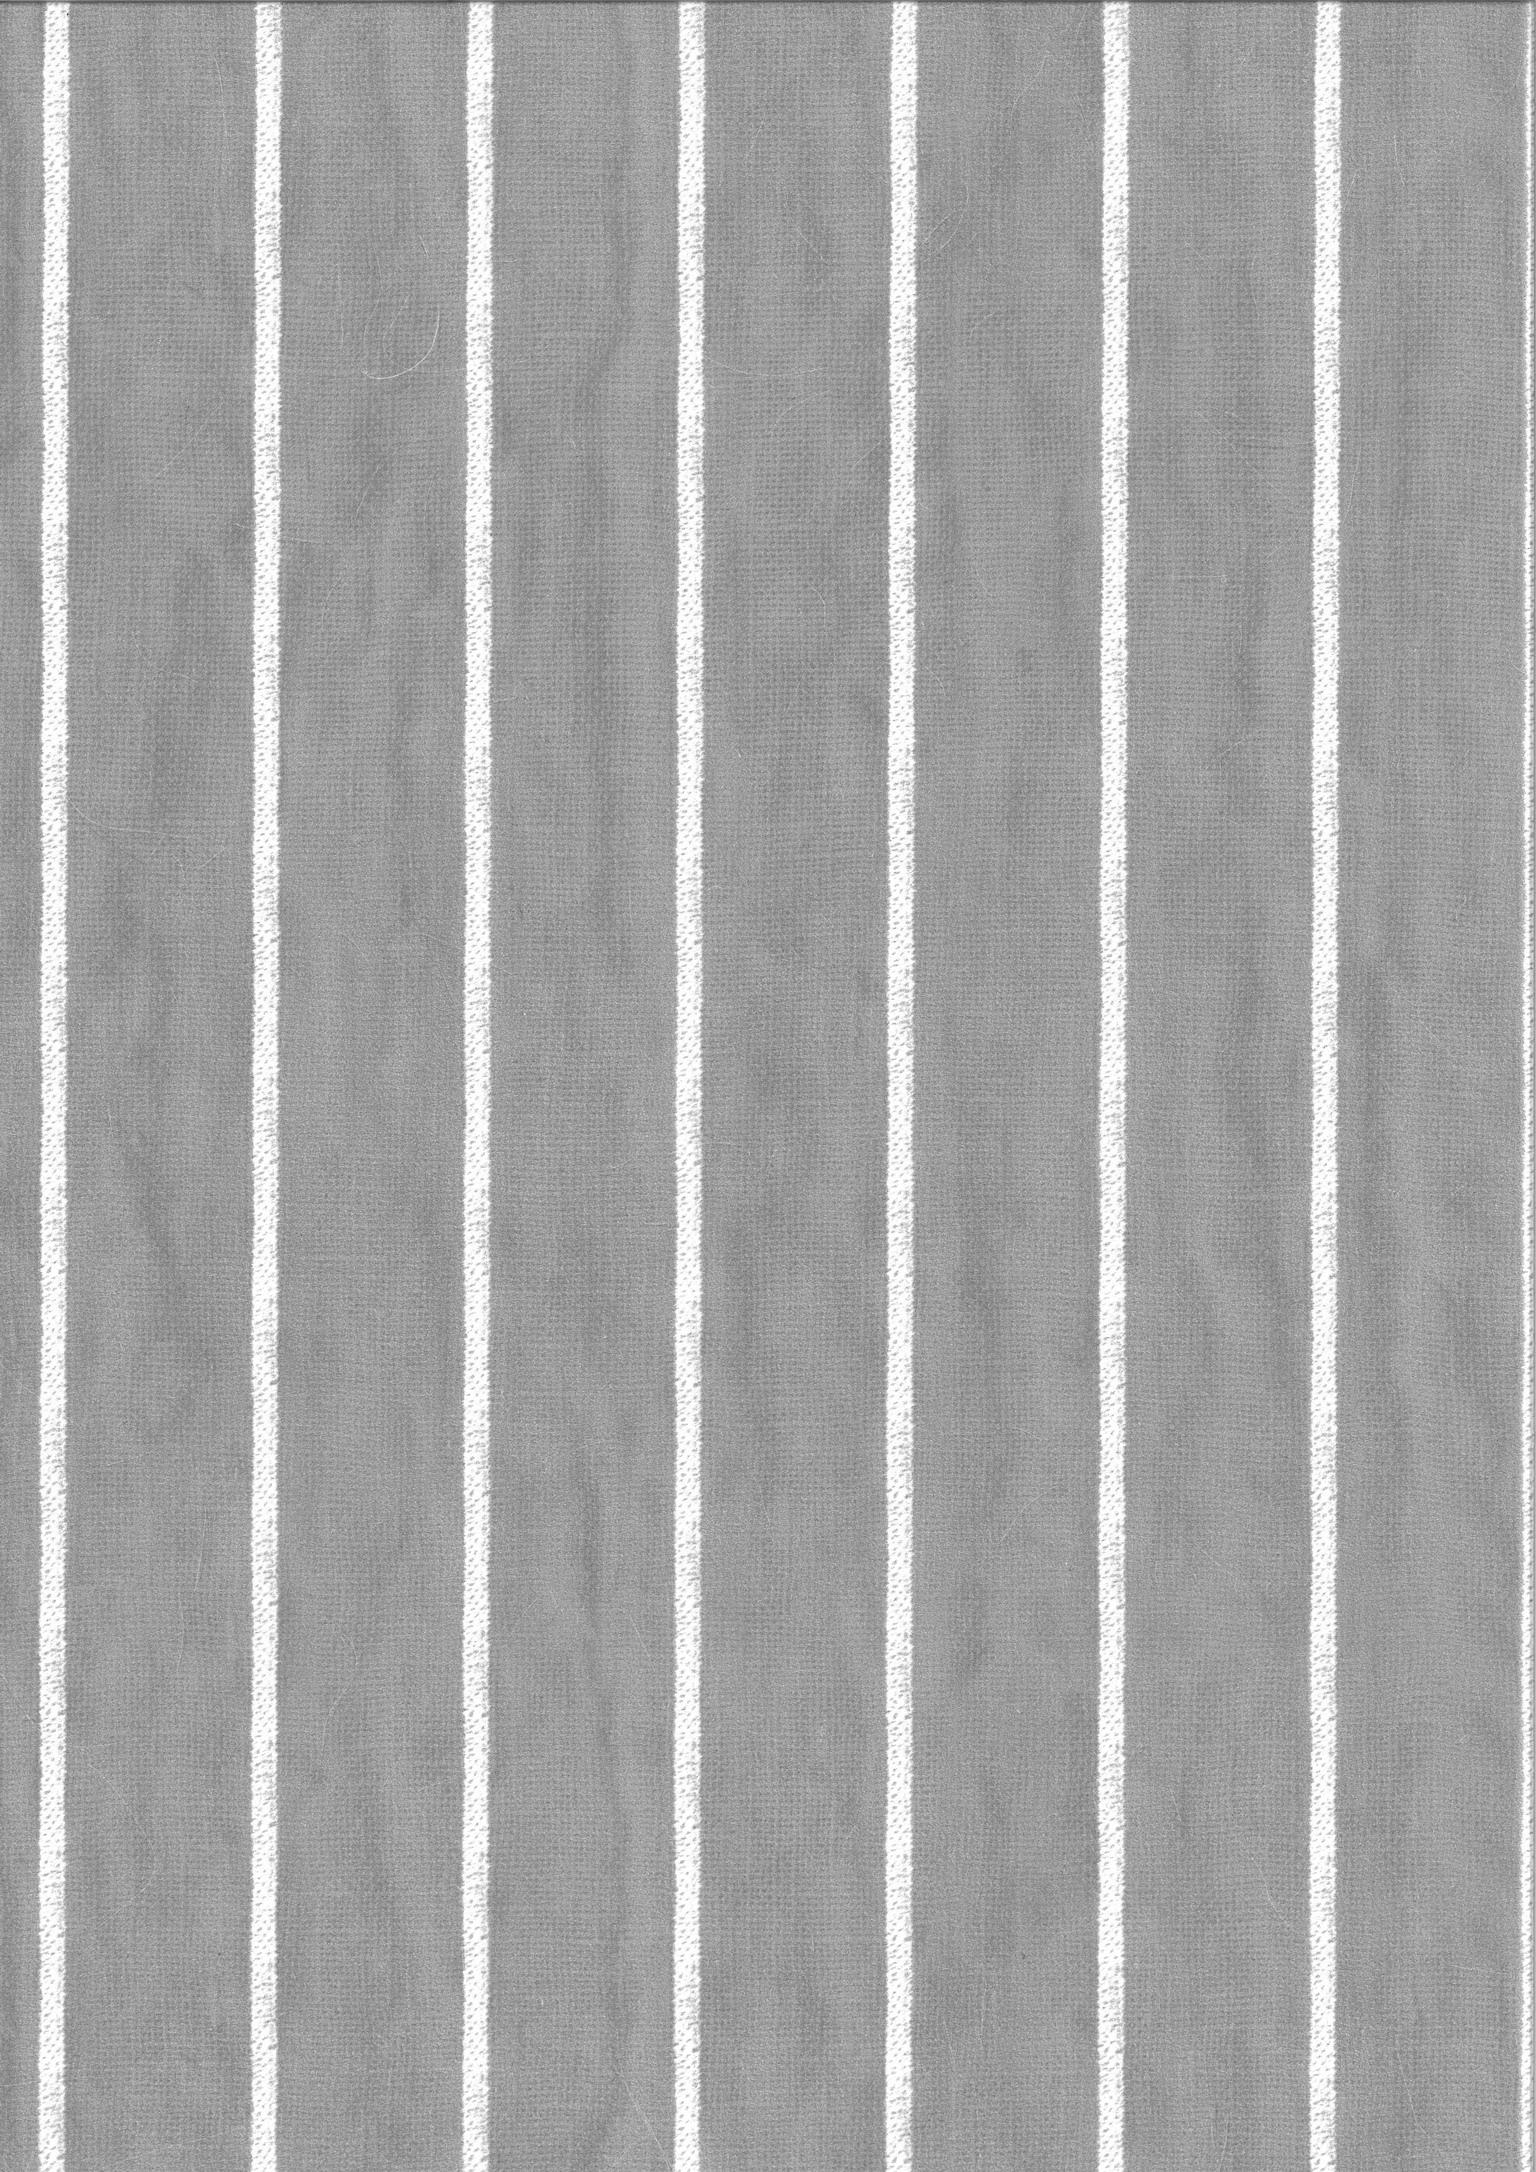 PIENZA GESSATO Cement ivory stripe